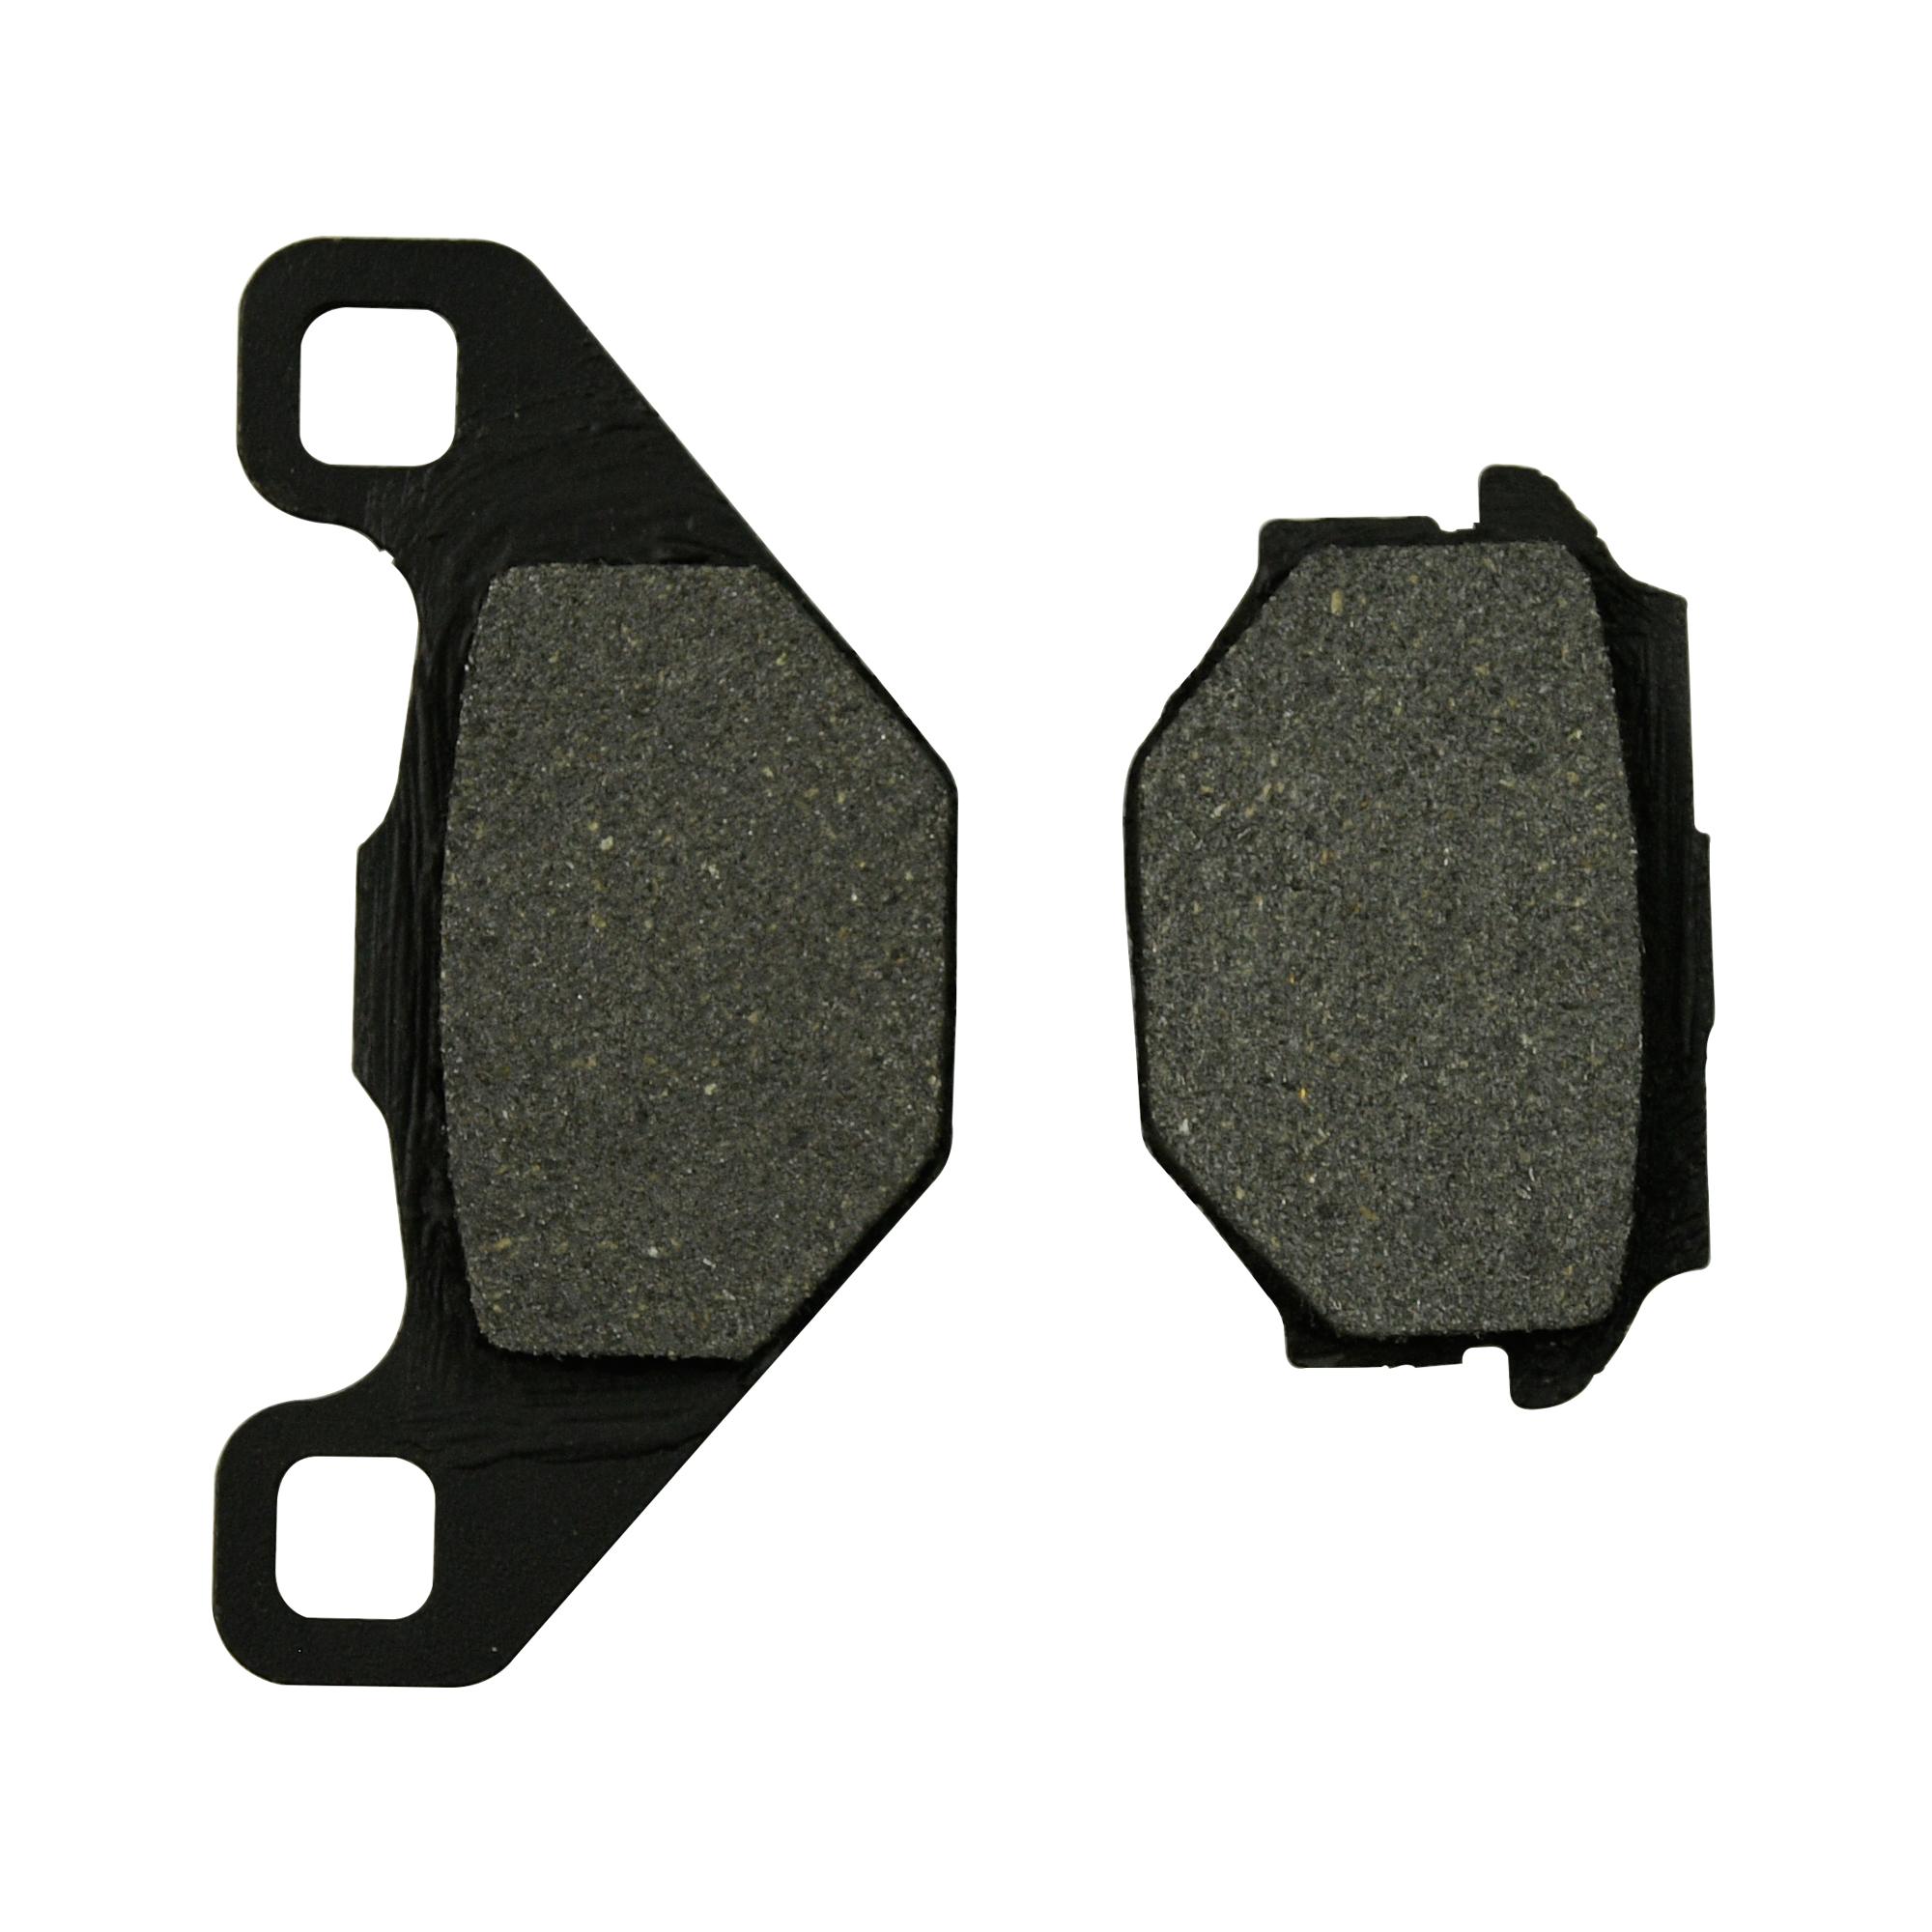 Armstrong GG Range Road Brake Pads - #230372